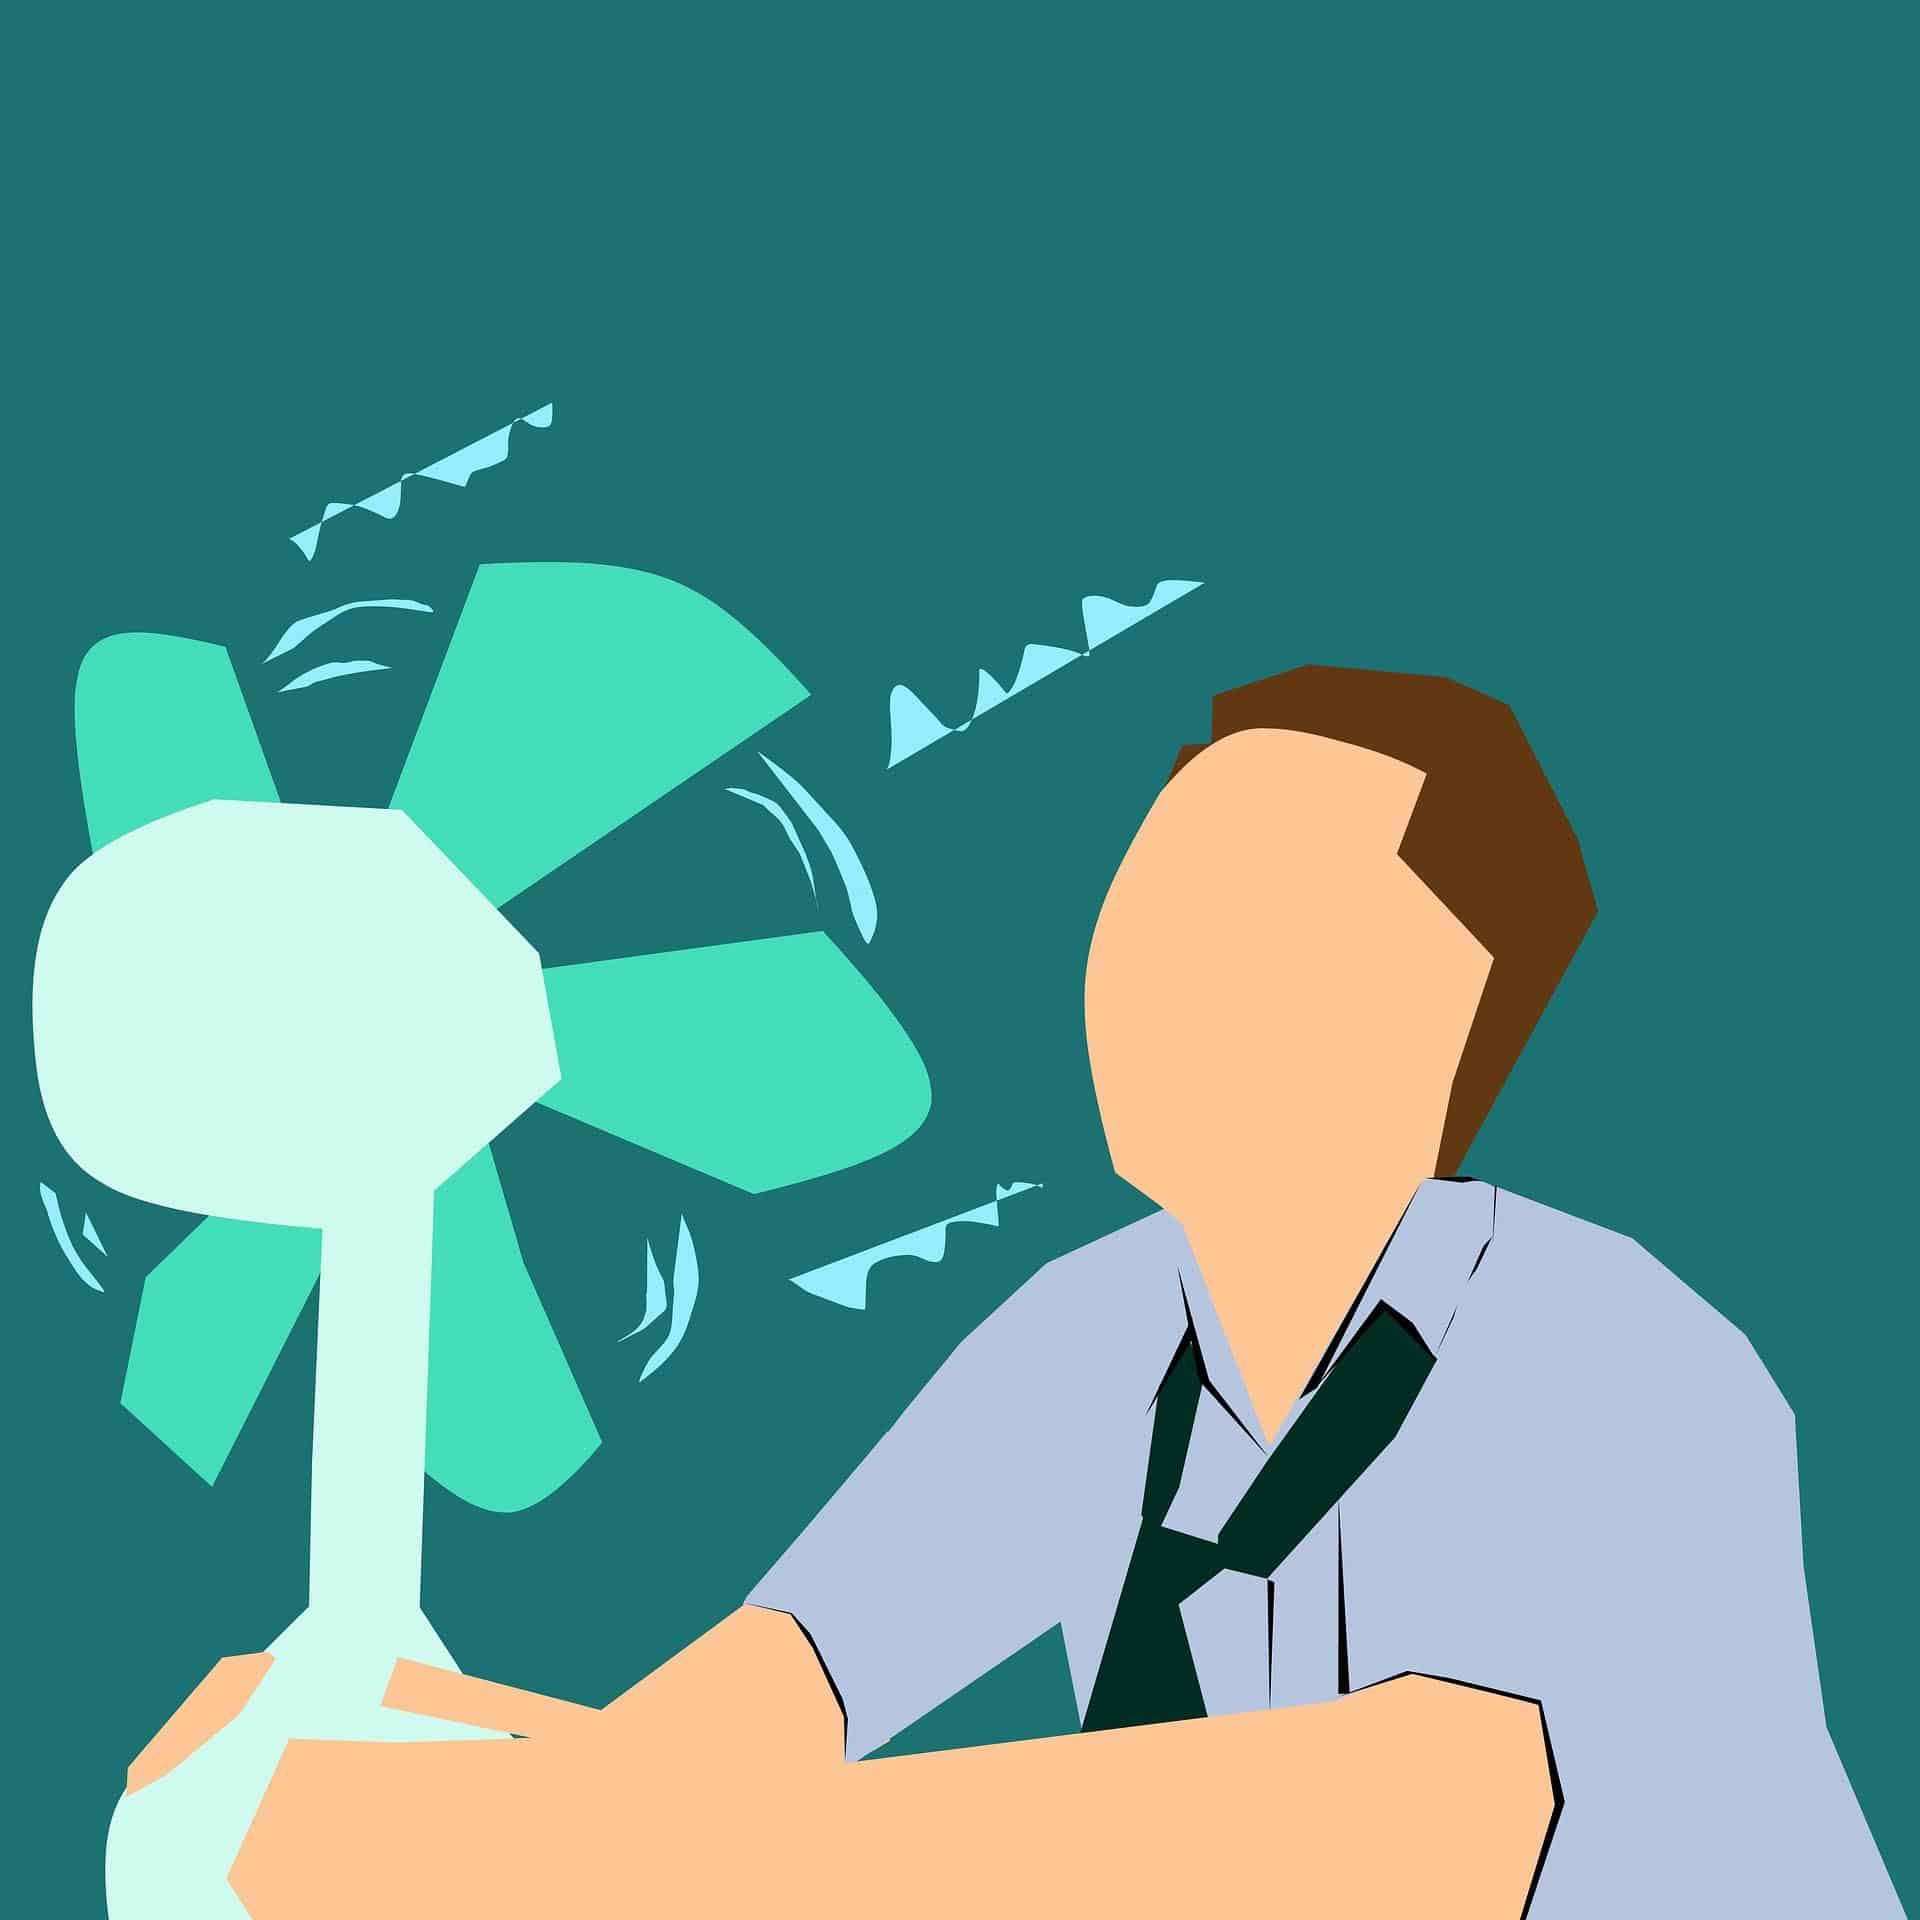 Comment se préparer aux grosses chaleurs en entreprise ?